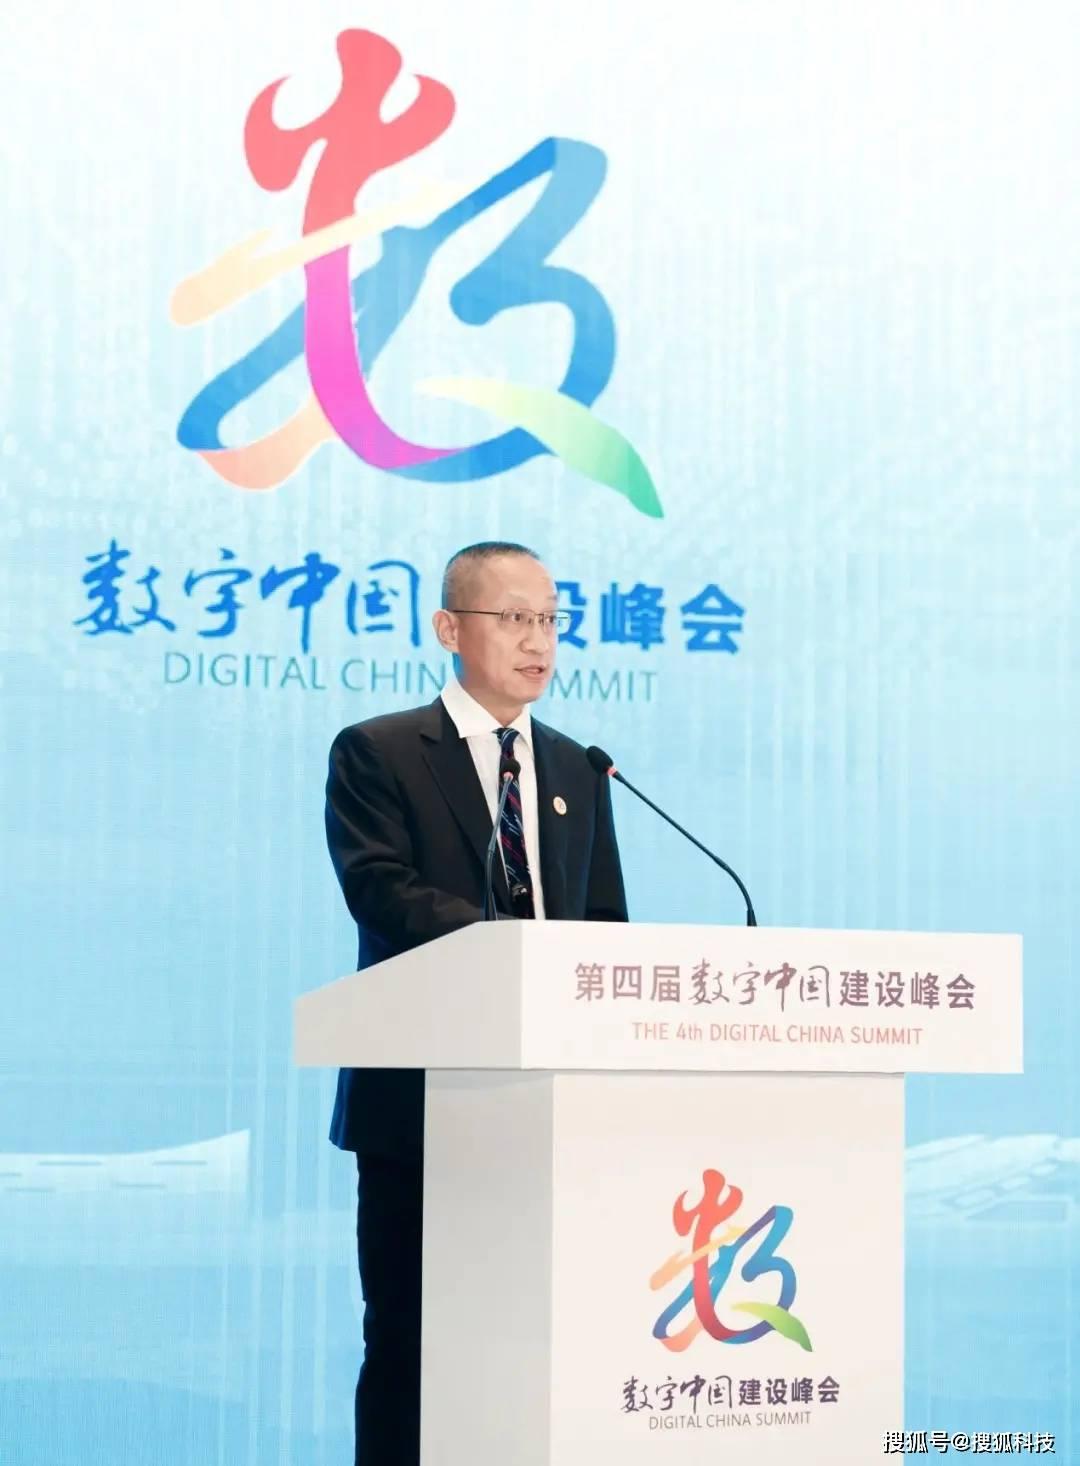 中国移动总经理董昕:预计未来五年5G直接和带动投资将超7.5万亿元